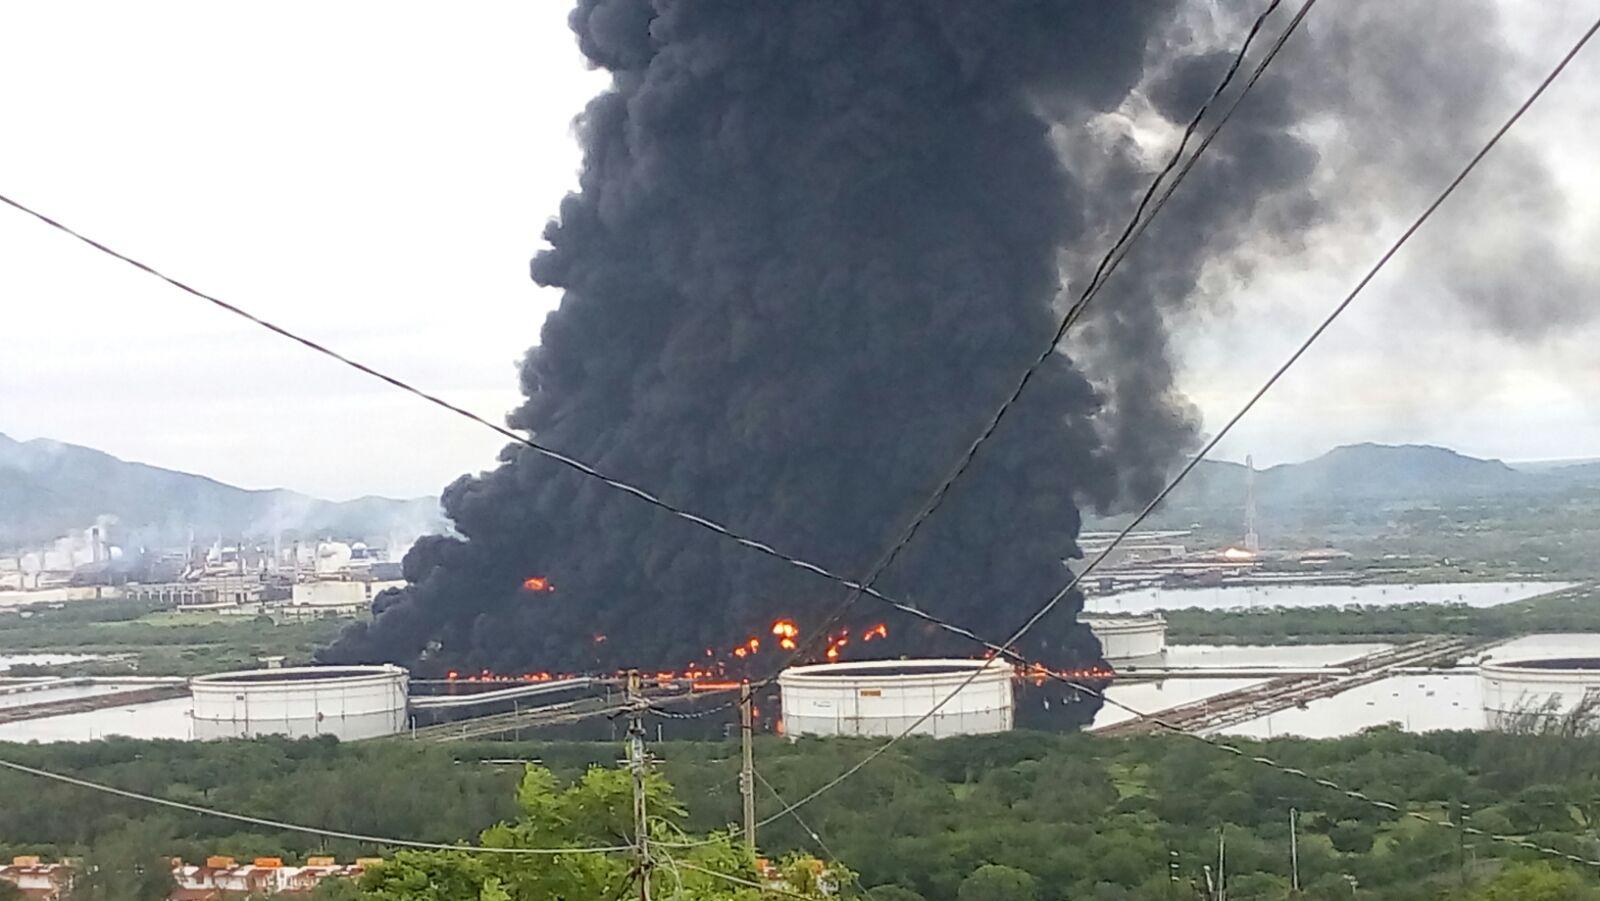 Vecinos se resguardan en albergues tras explosión en el Istmo | El Imparcial de Oaxaca